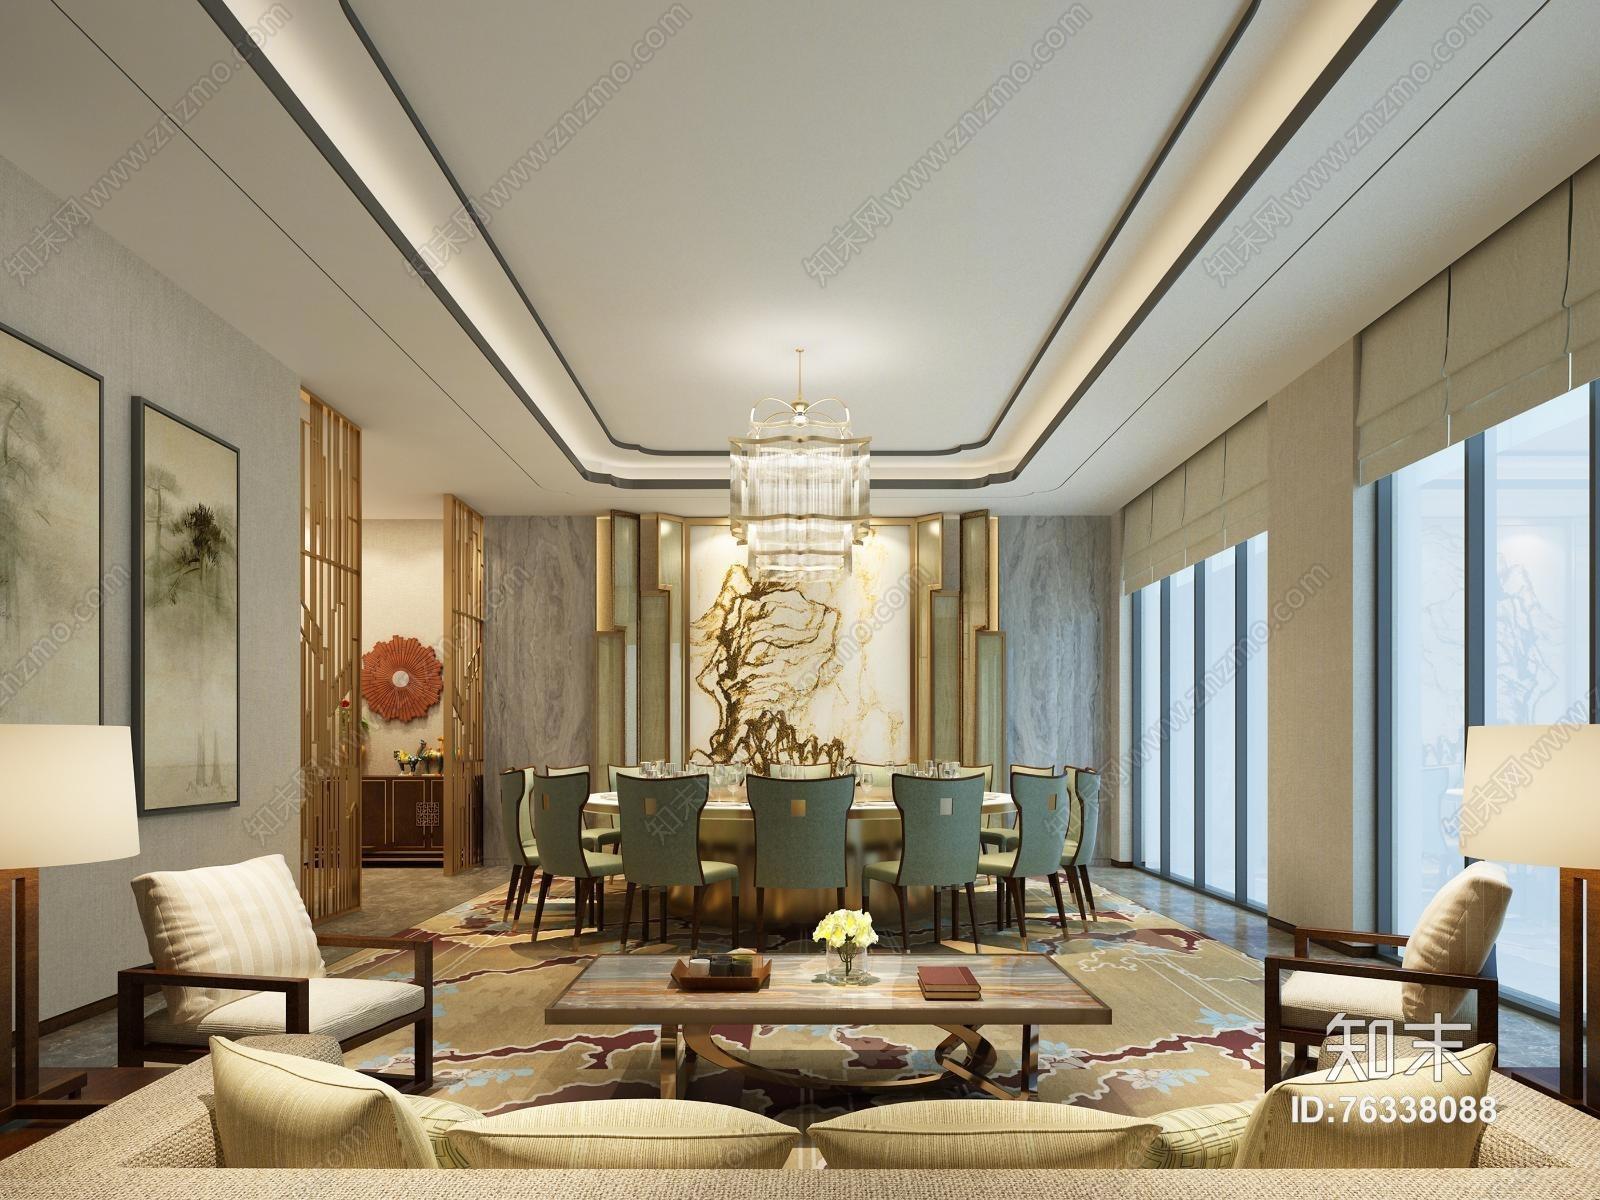 欧式简约酒店餐厅包房 吊灯 餐桌椅 挂画 台灯 单双人沙发 茶几